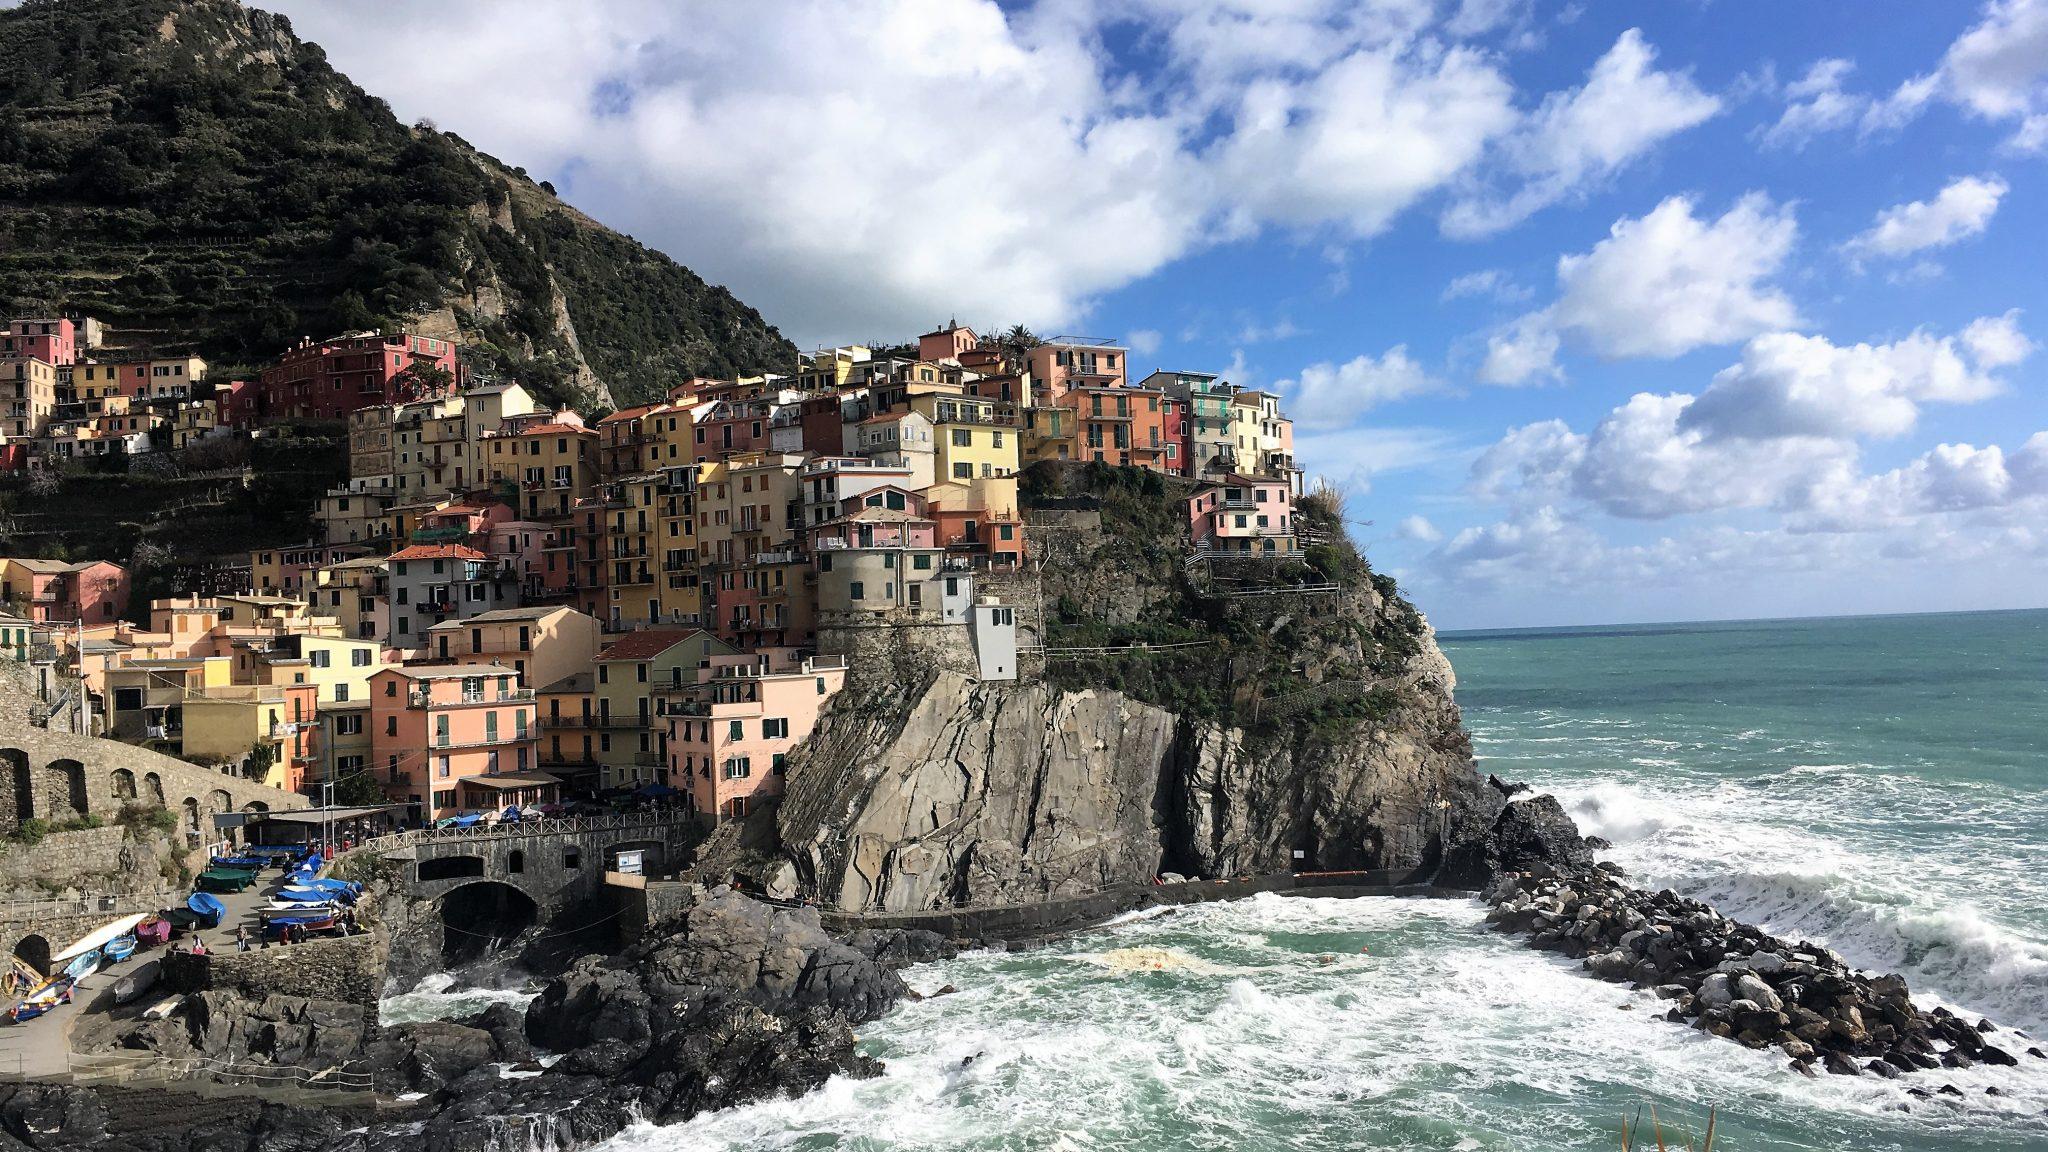 Toscane per trein: wat te doen & wat te eten?